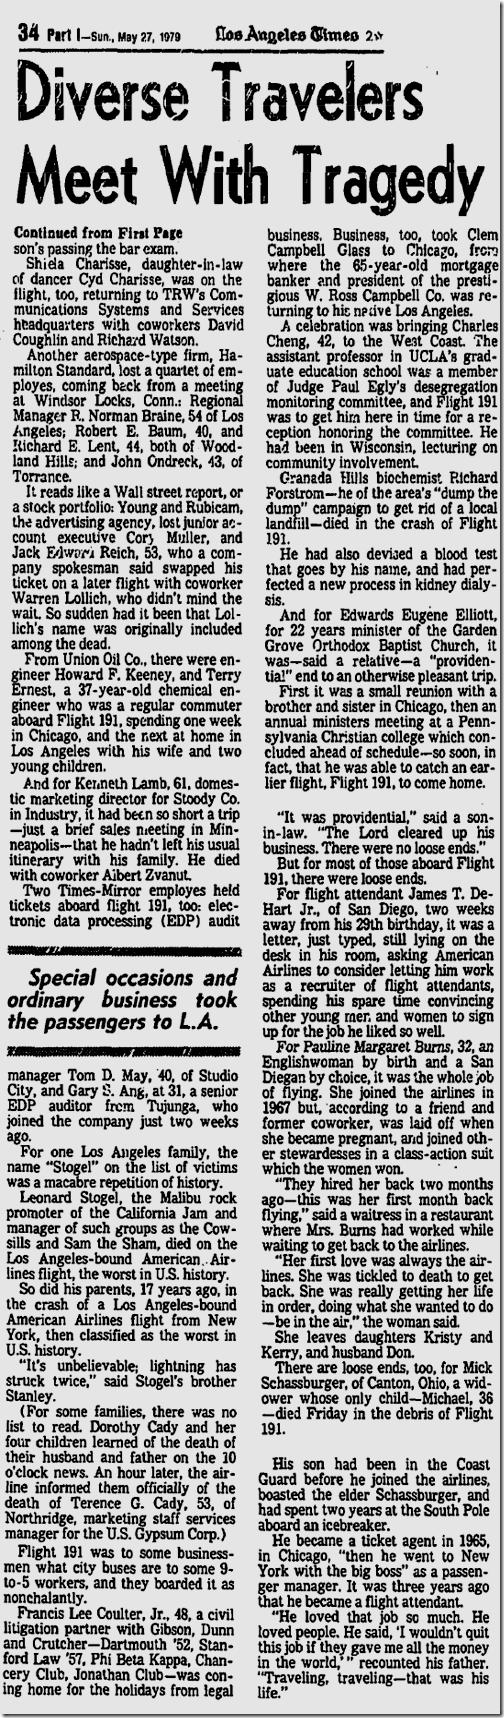 May 27, 1979, Patt Morrison